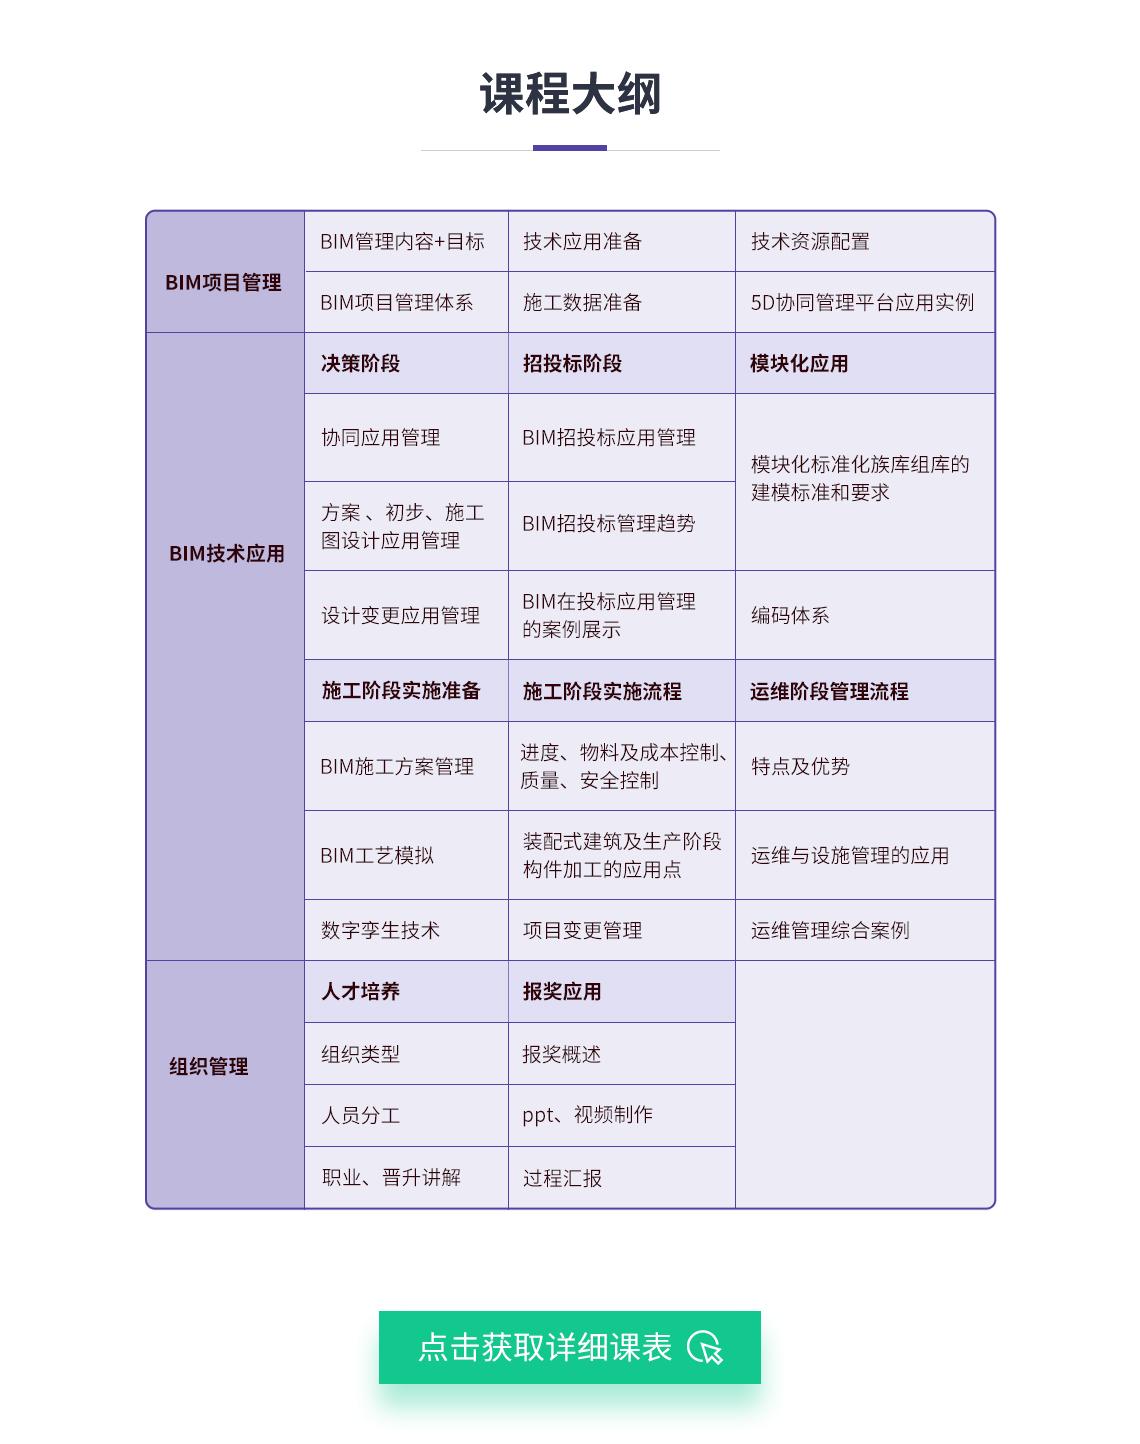 筑龙学社BIM项目管理课程的大纲。包含了BIM管理的内容和目标,BIM技术的应用,BIM组织管理三方面。第一部分着重讲解BIM管理的目标、基于BIM的项目管理体系及项目BIM技术资源配置问题。第二部分包含项目决策设计阶段、招投标阶段、施工准备阶段、施工阶段、运维阶段的BIM应用,此外还包含BIM族库应用和案例分析。第三部分讲解BIM人才培养和BIM成果输出报奖。